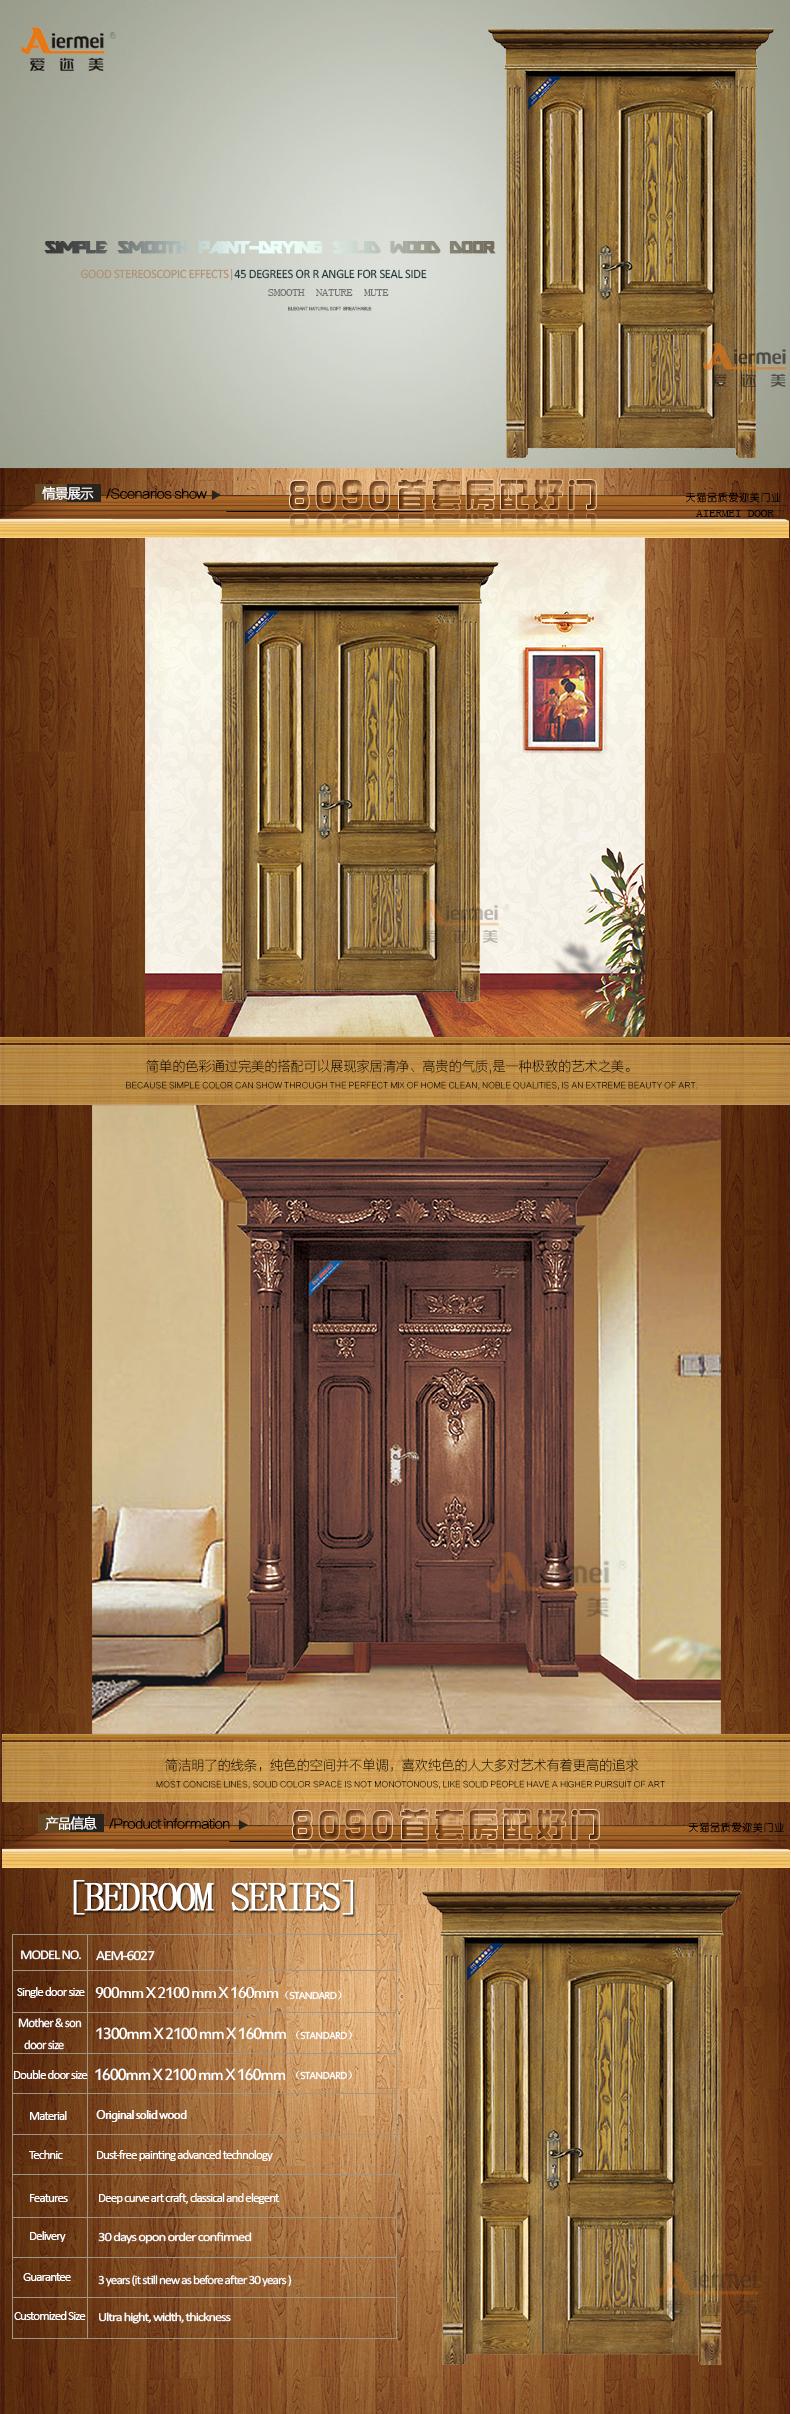 Teak Wood Main Door Designs Joy Studio Design Gallery Best Design